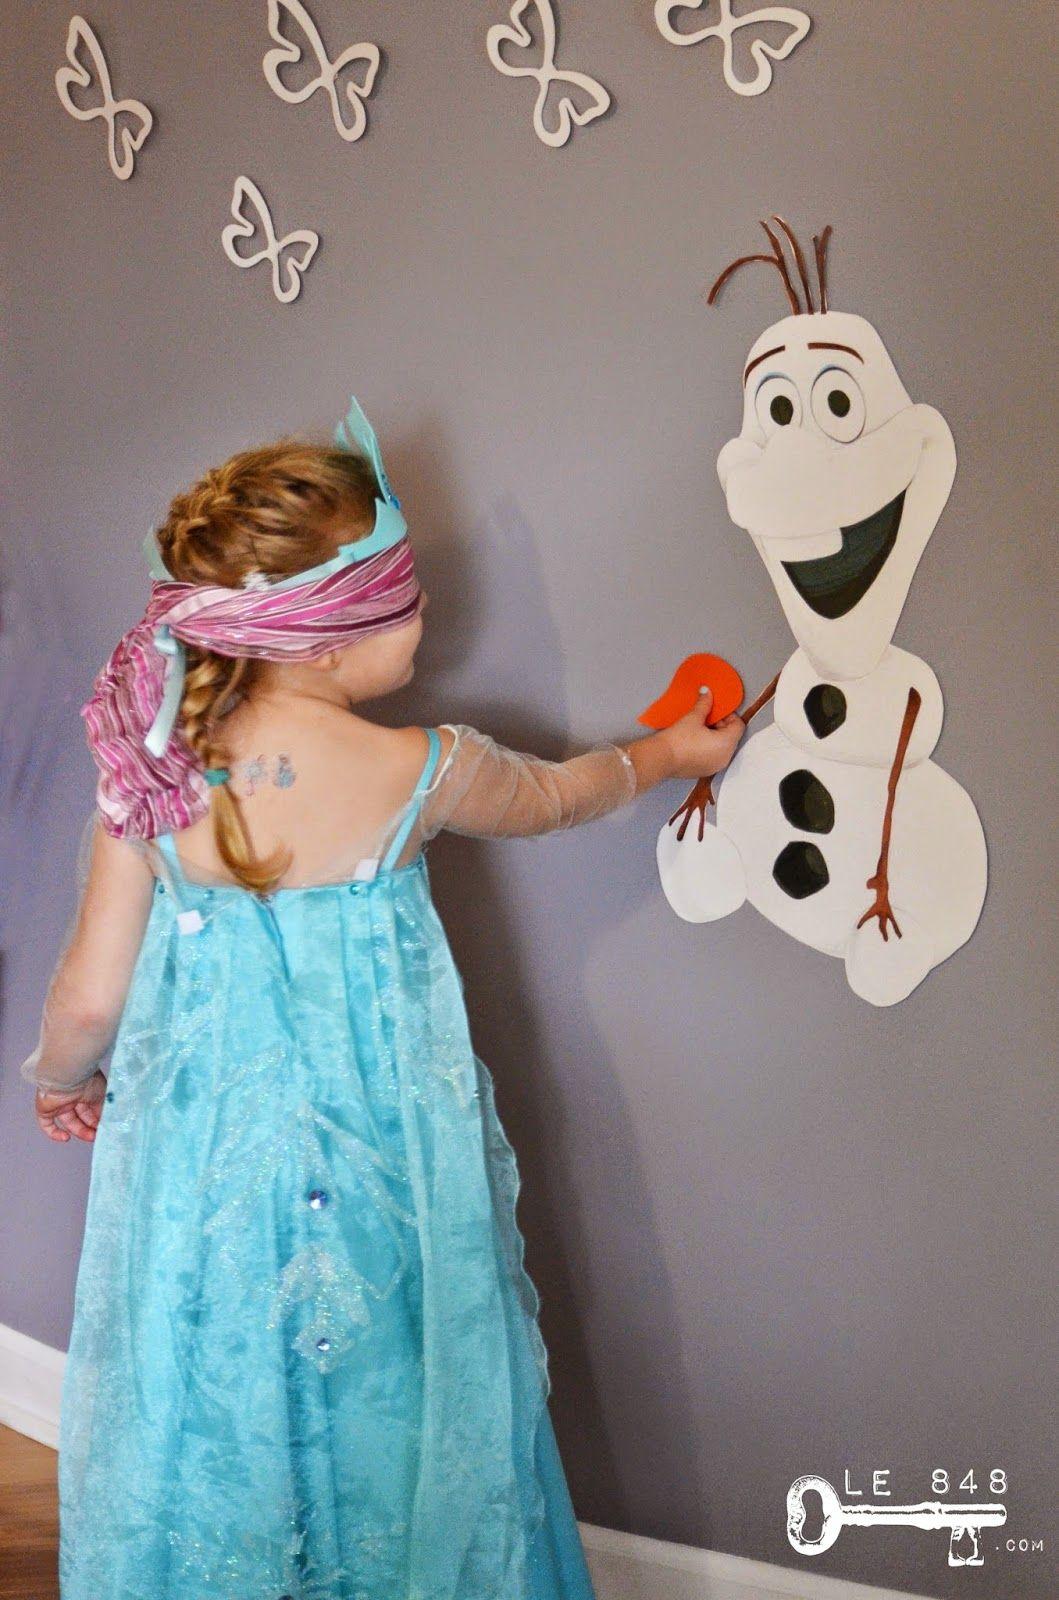 Le 848 go ter la reine des neiges frozen party anniversaires f te reine des neiges reine - Jeux princesse des neiges ...